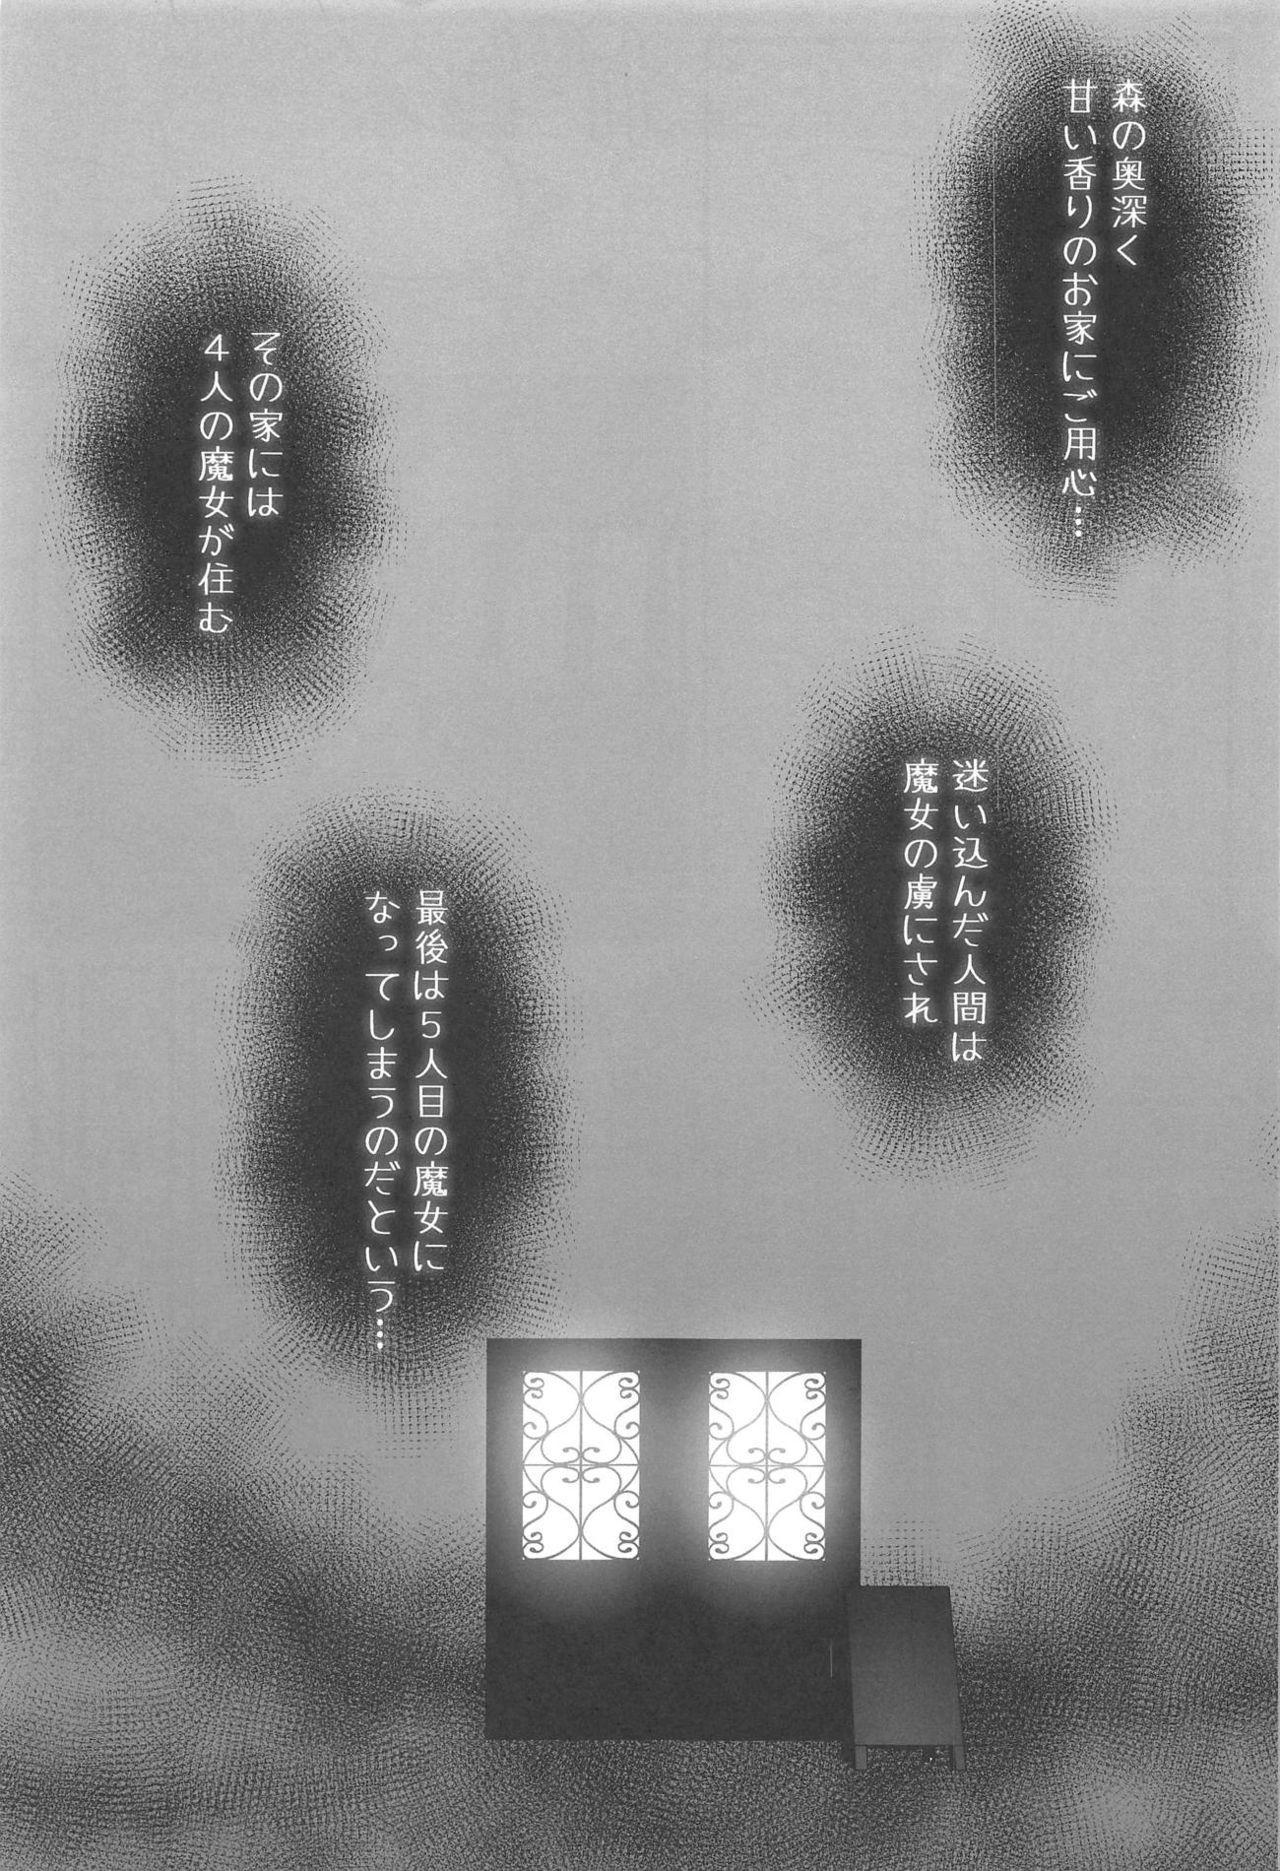 Morikubo Ecchi's Night 1